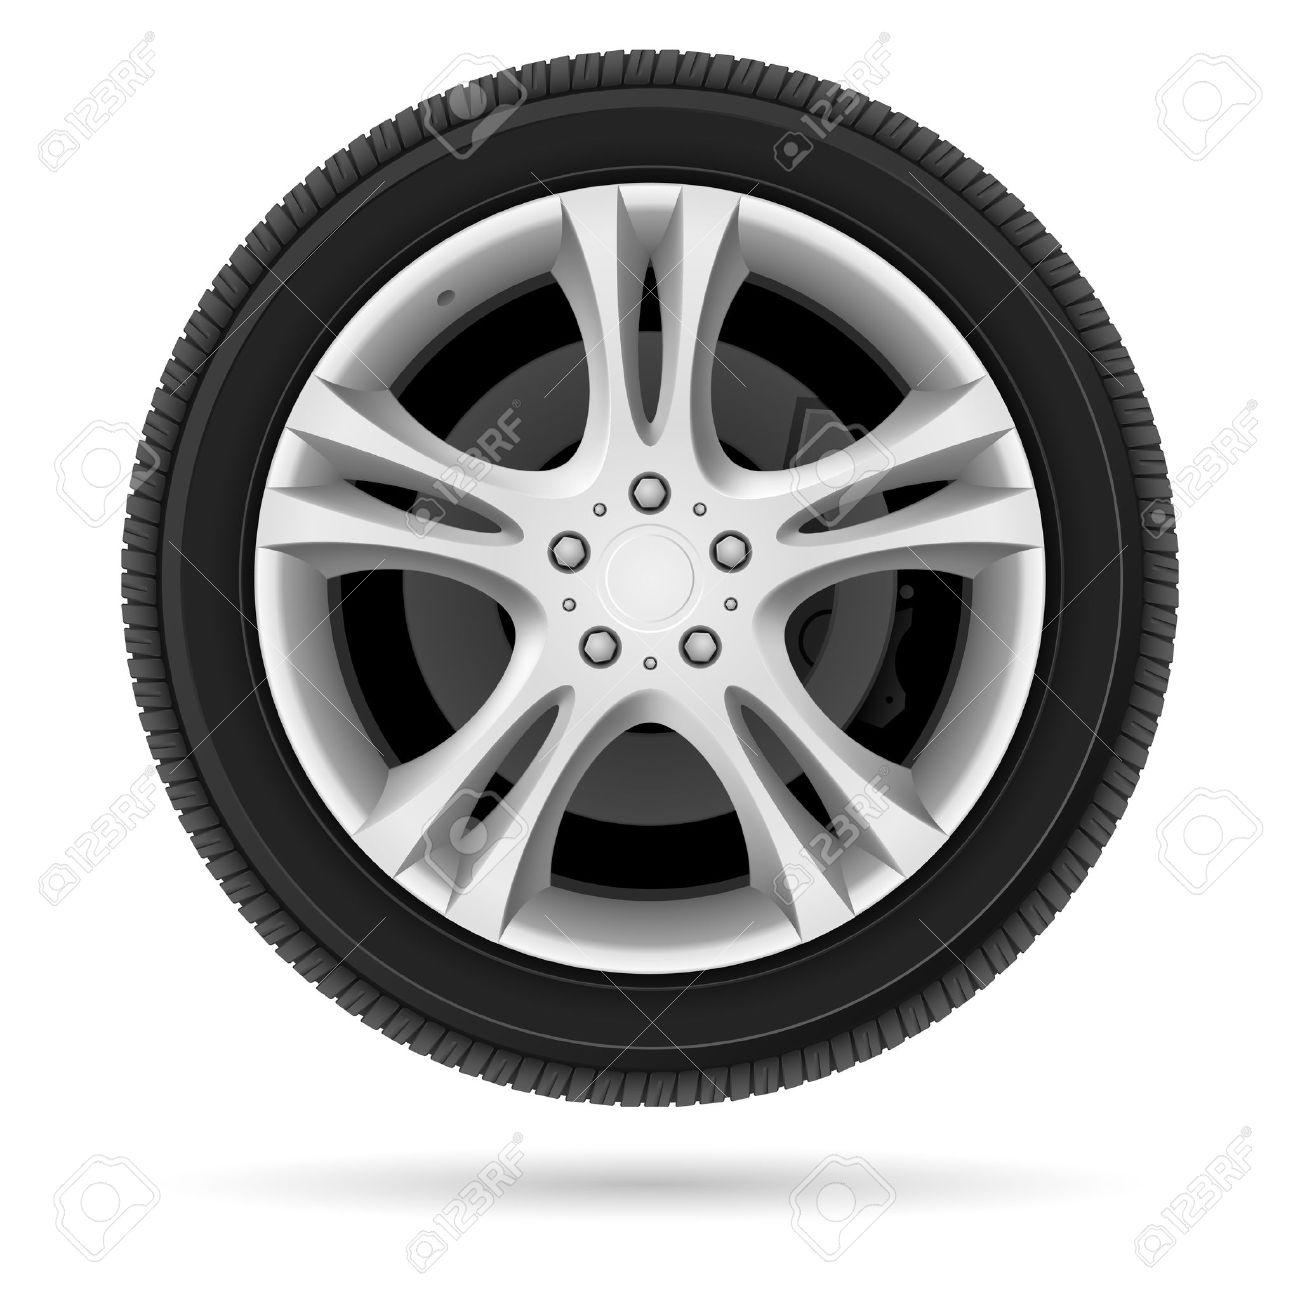 Car wheel. Illustration on white background for design - 15700345